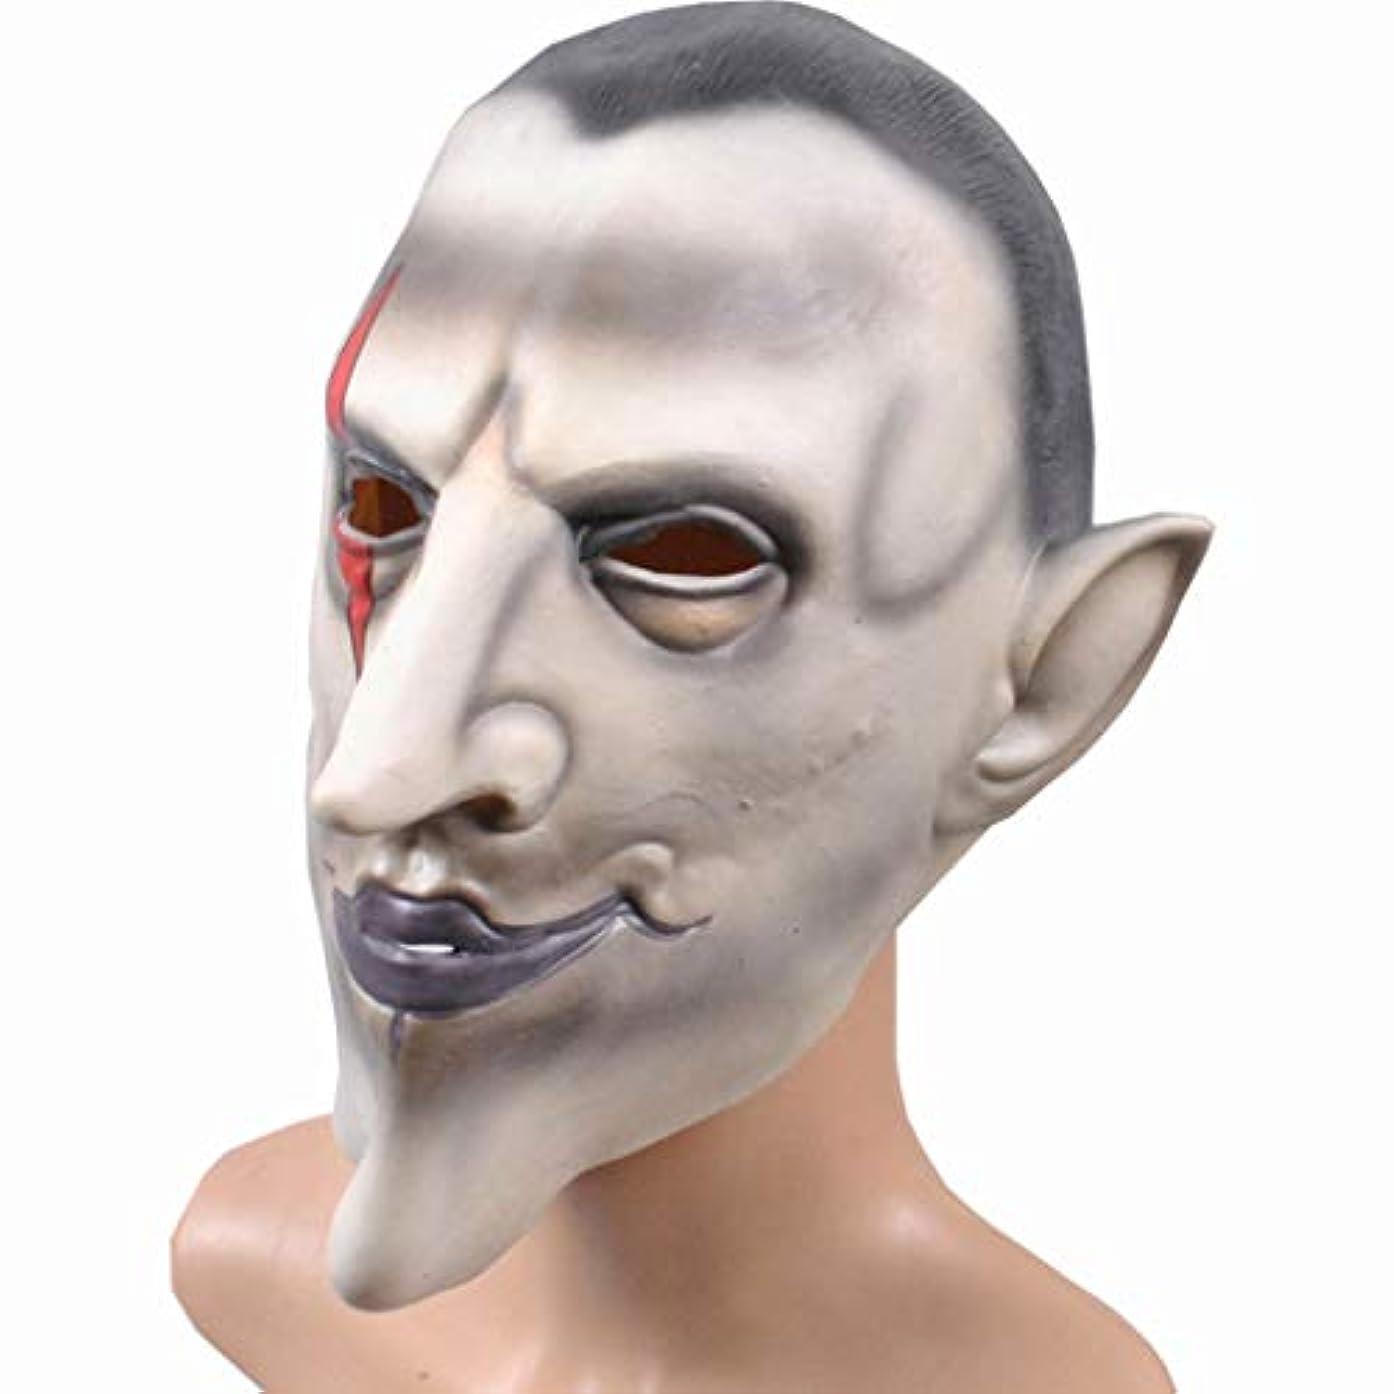 目の前の浜辺挽くハロウィーンマスク仮面舞踏会ホラーしかめっ面Whole Manホラー地獄男性アールラテックスヘッドギア